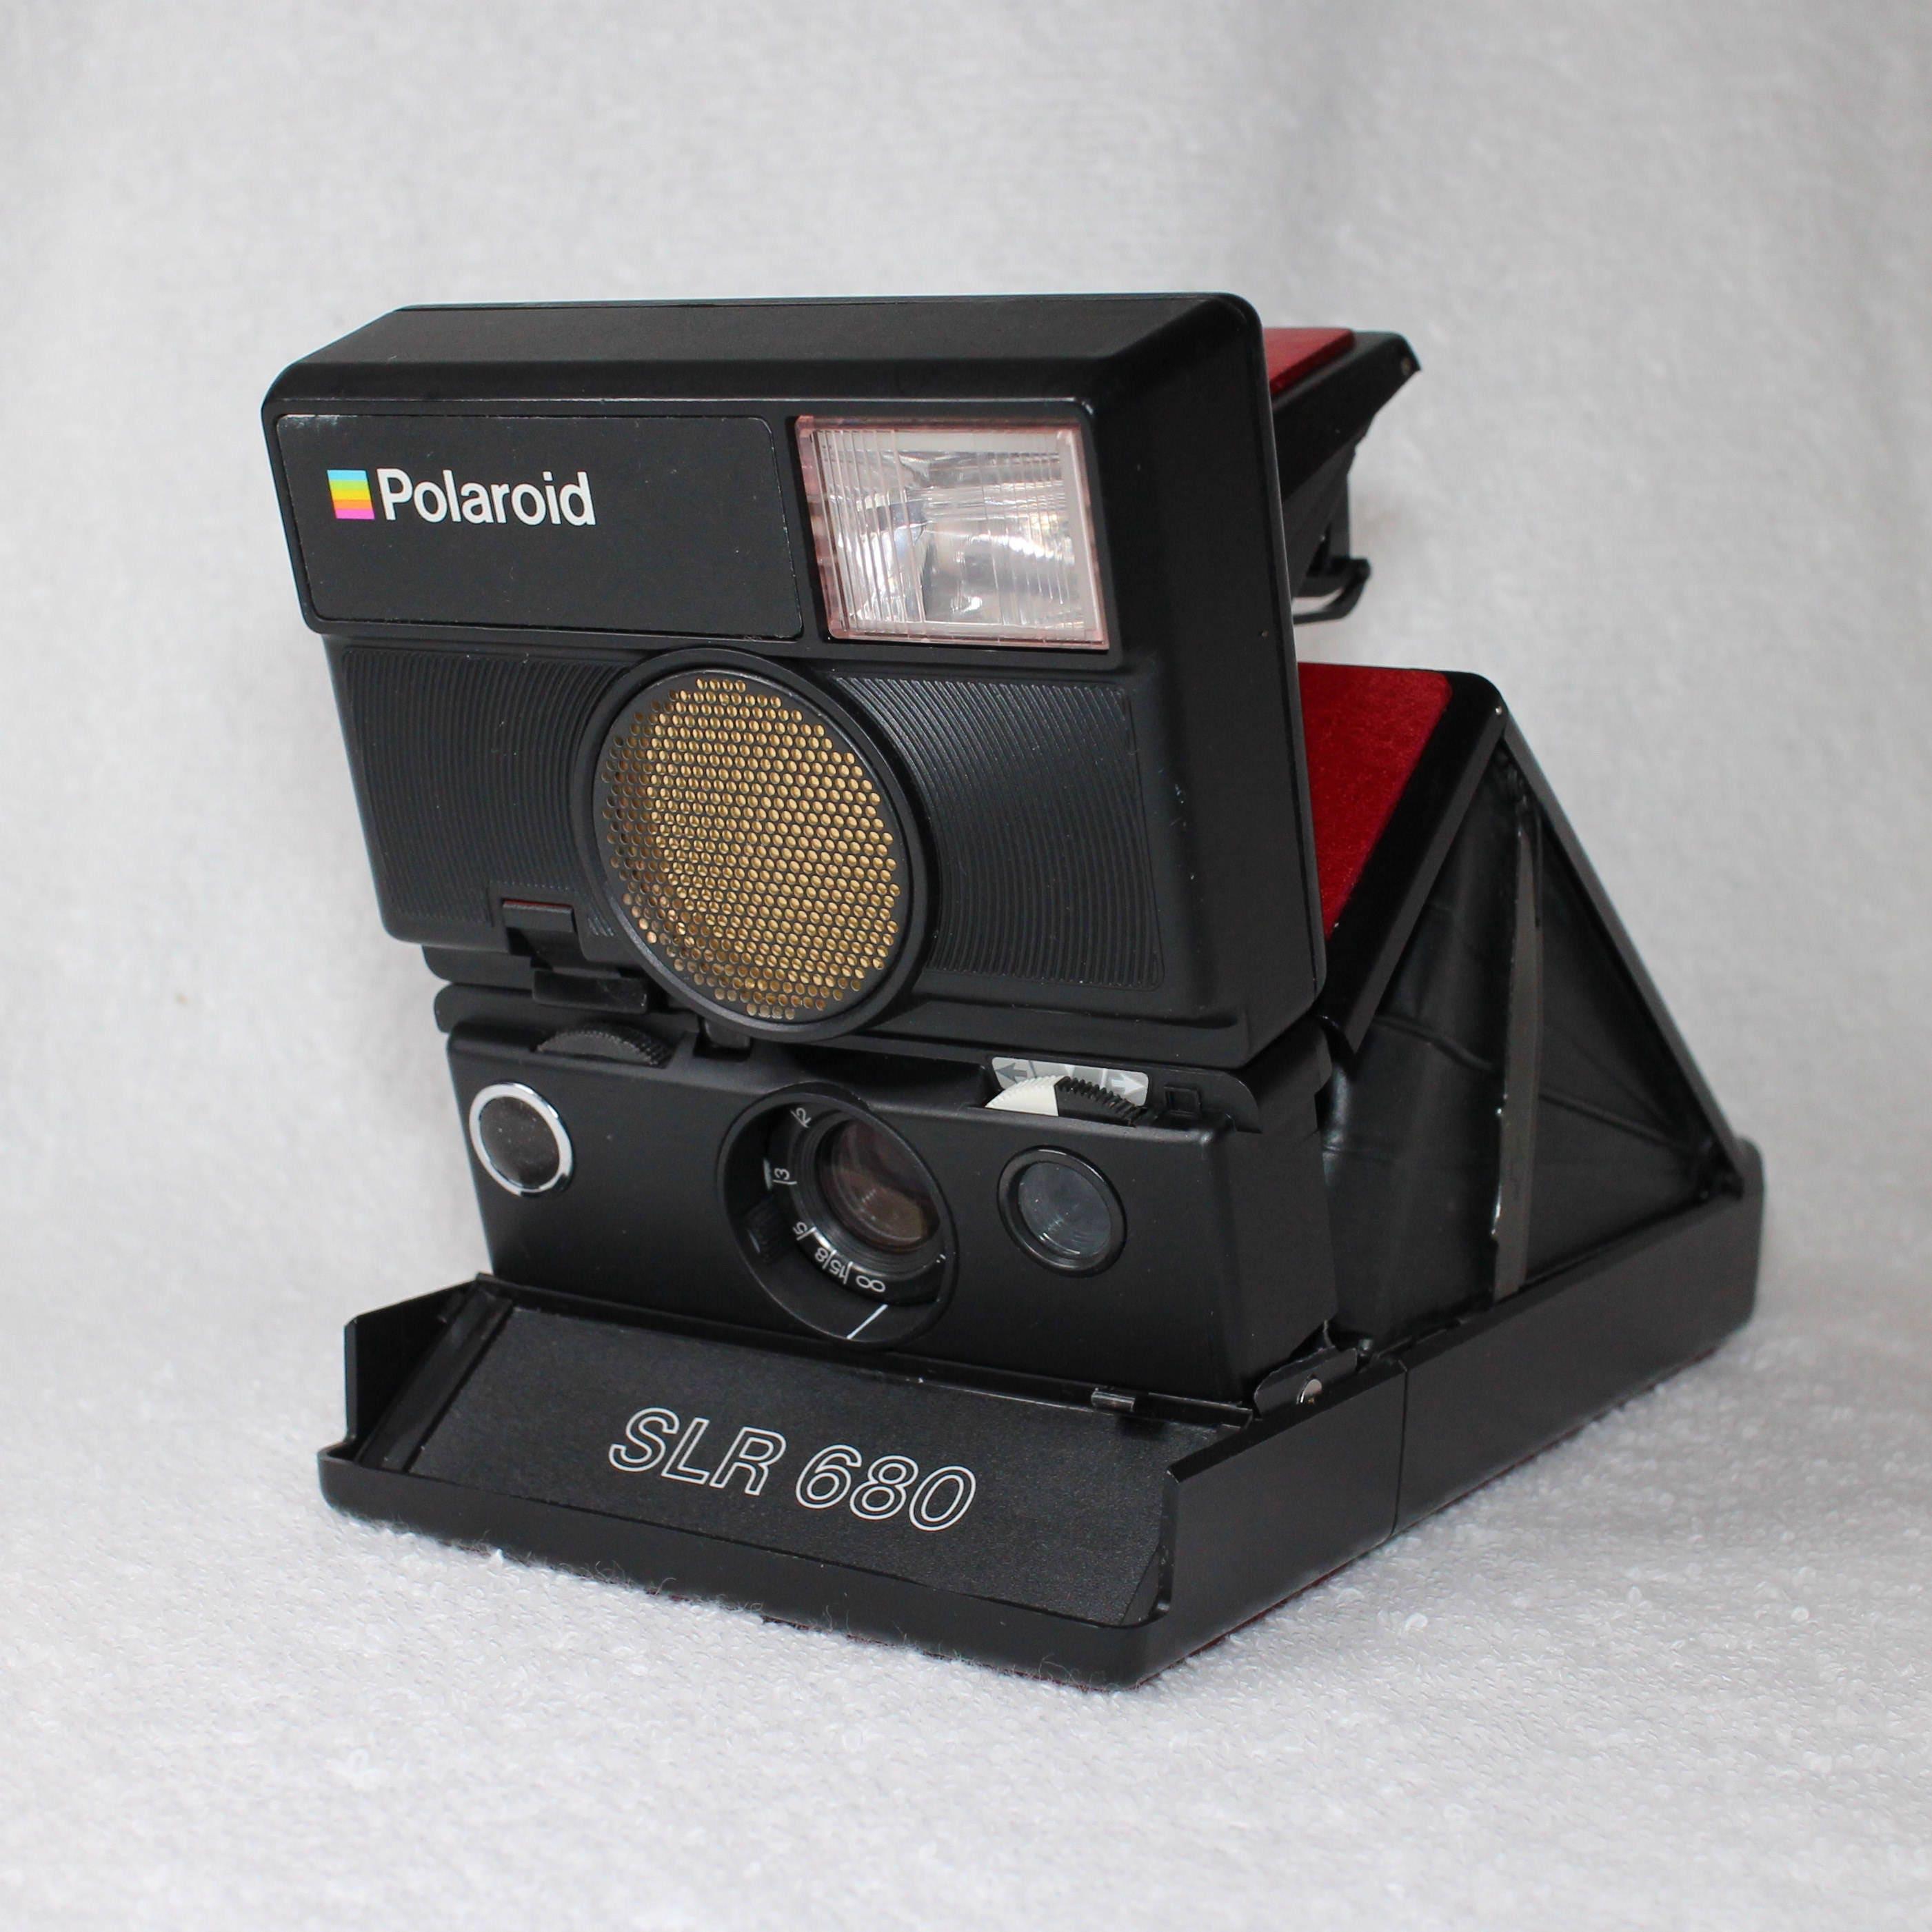 Rebuilt Red skinned Polaroid SLR 680 Camera 3509921969